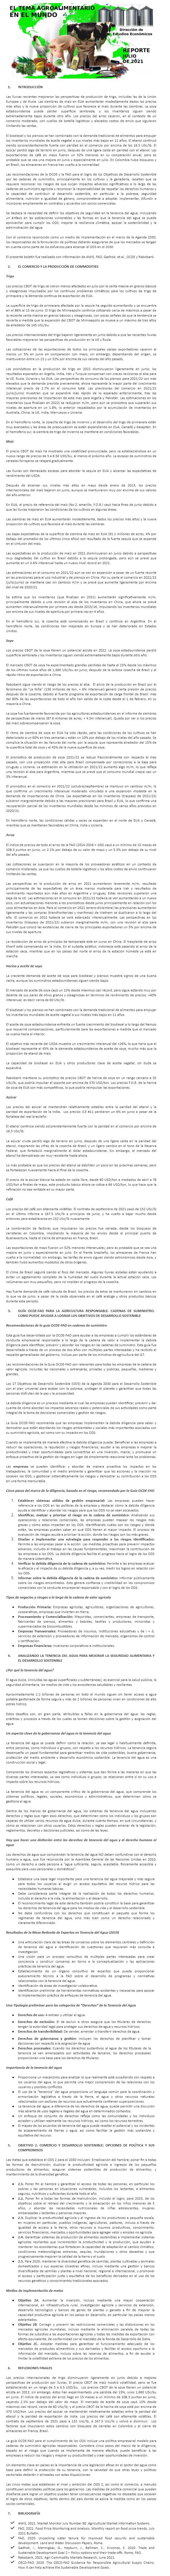 EL TEMA AGROALIMENTARIO EN EL MUNDO, JULIO 2021.